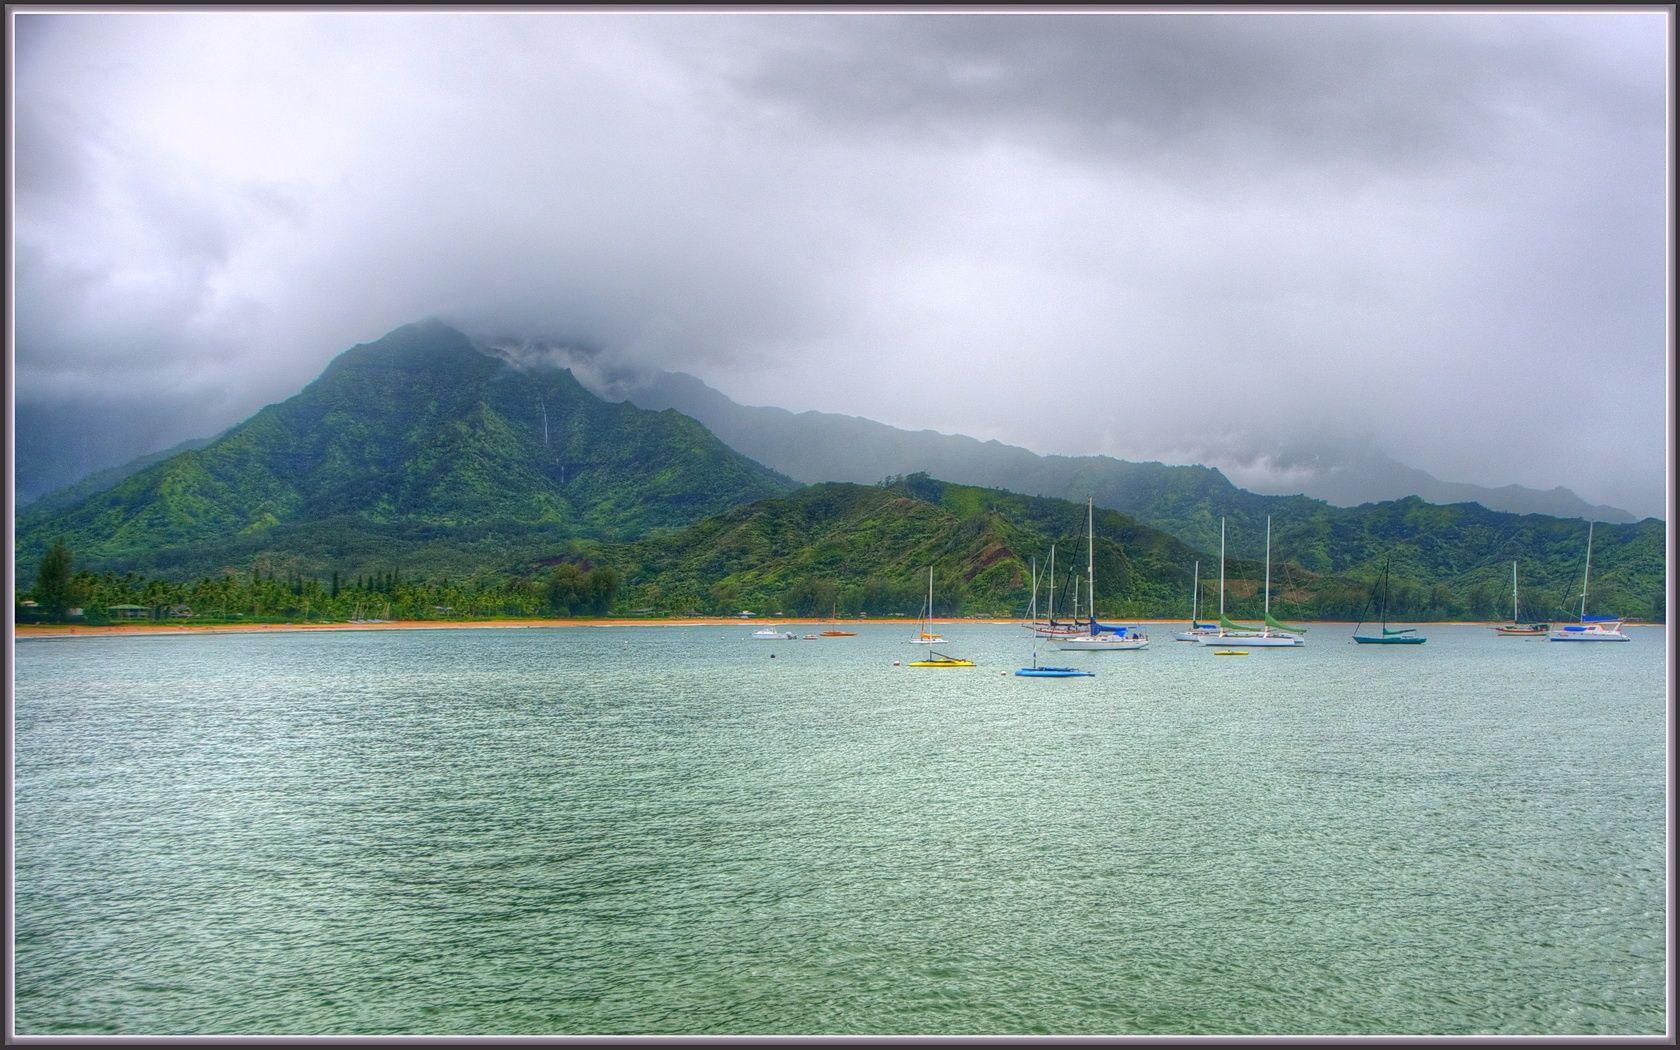 Hanalei Bay Kauai by Terry Lucas on 500px Hanalei bay